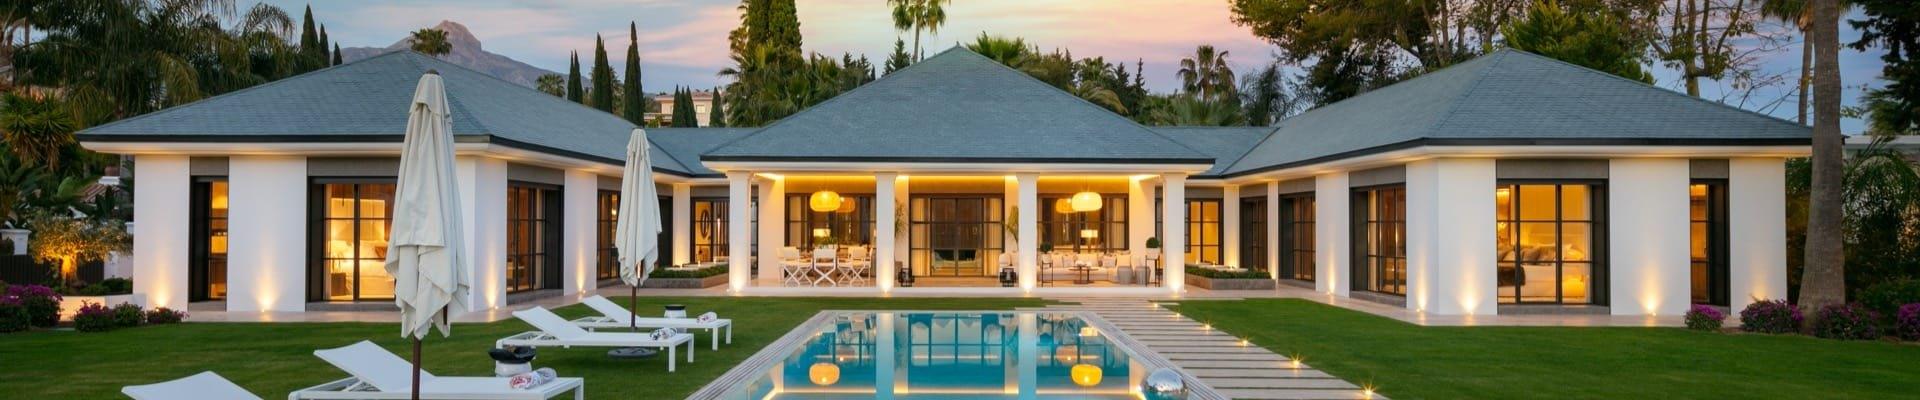 Moderne Immobilien in Marbella|/ Moderne Villen und Apartments